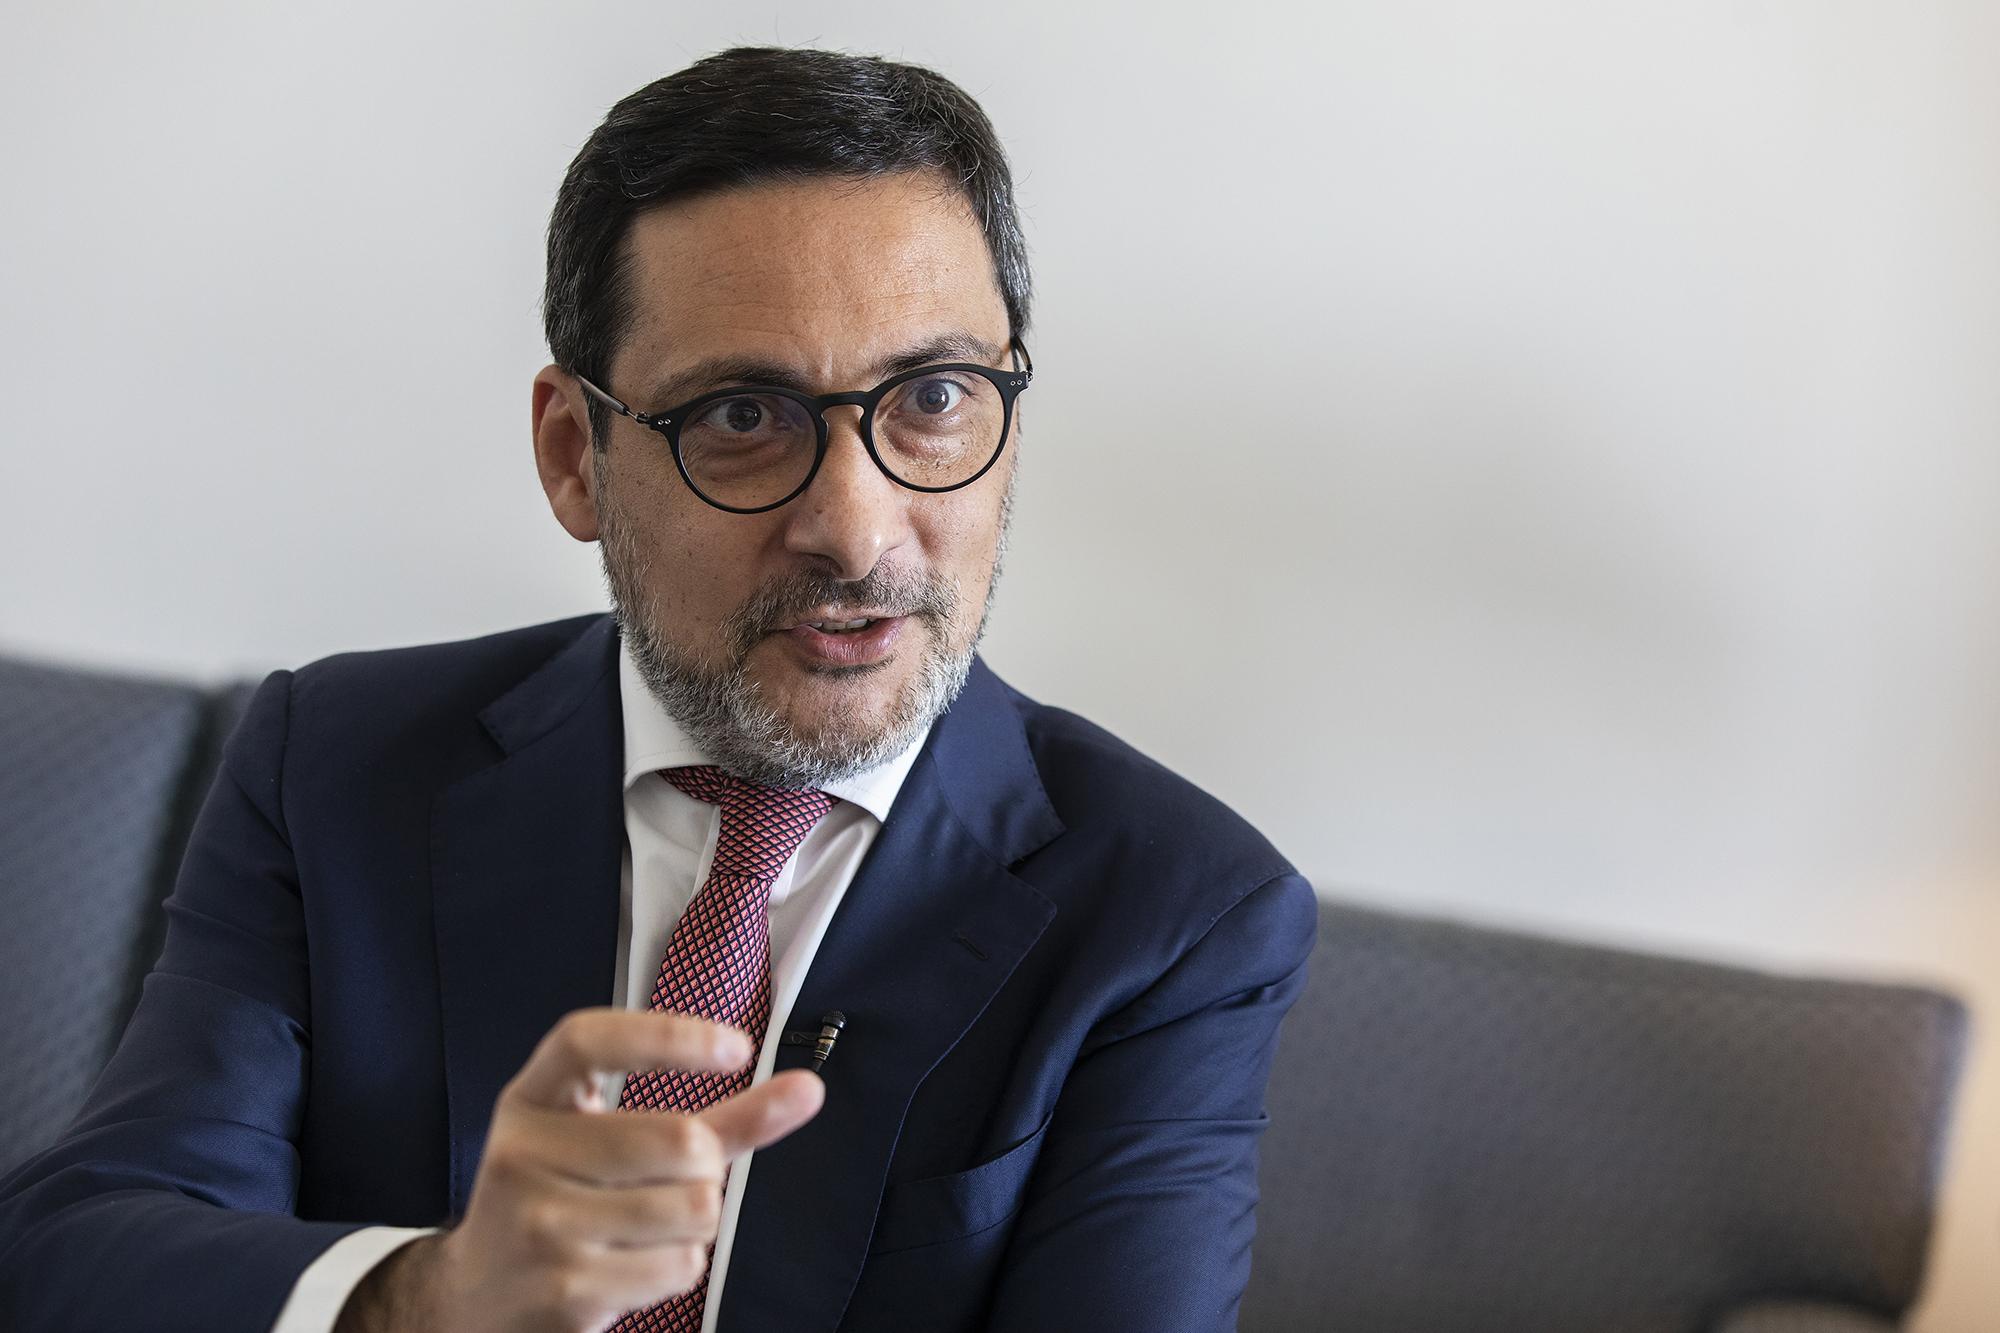 António Mendonça Mendes, Secretário de Estado dos Assuntos Fiscais, em entrevista ao ECO - 07ABR21